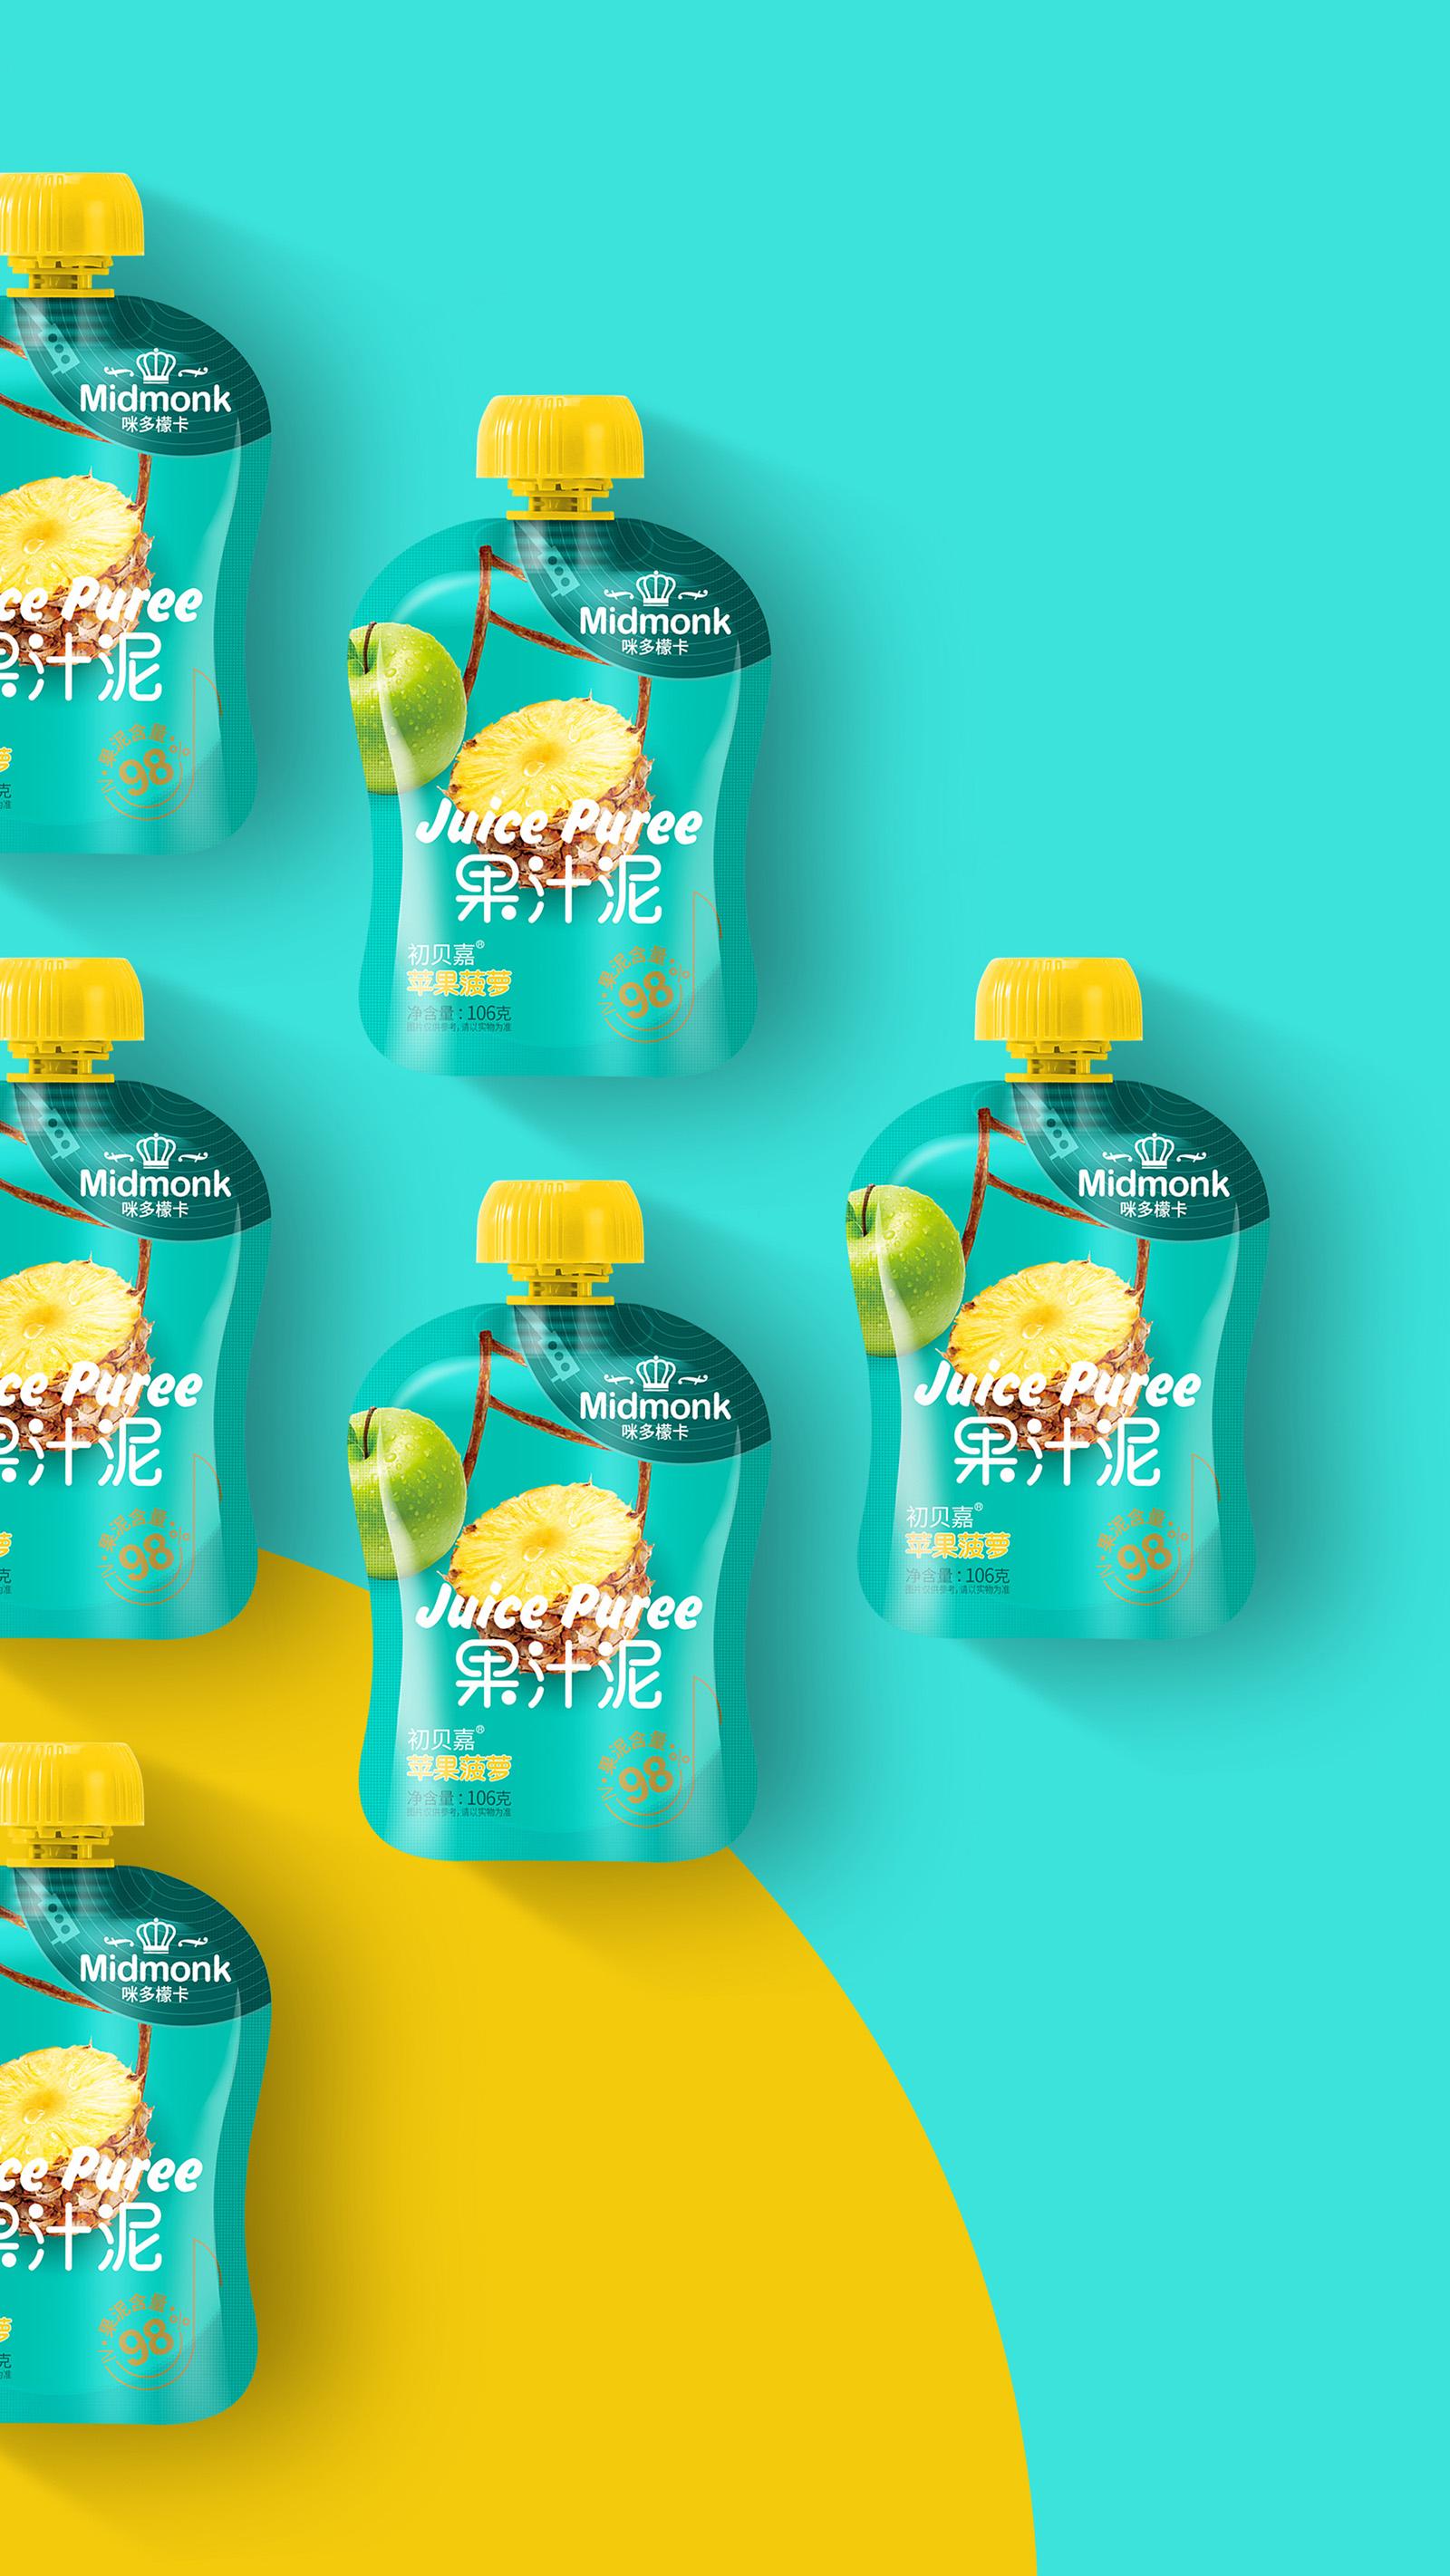 咪多檬卡|果汁泥包装设计食欲感满满